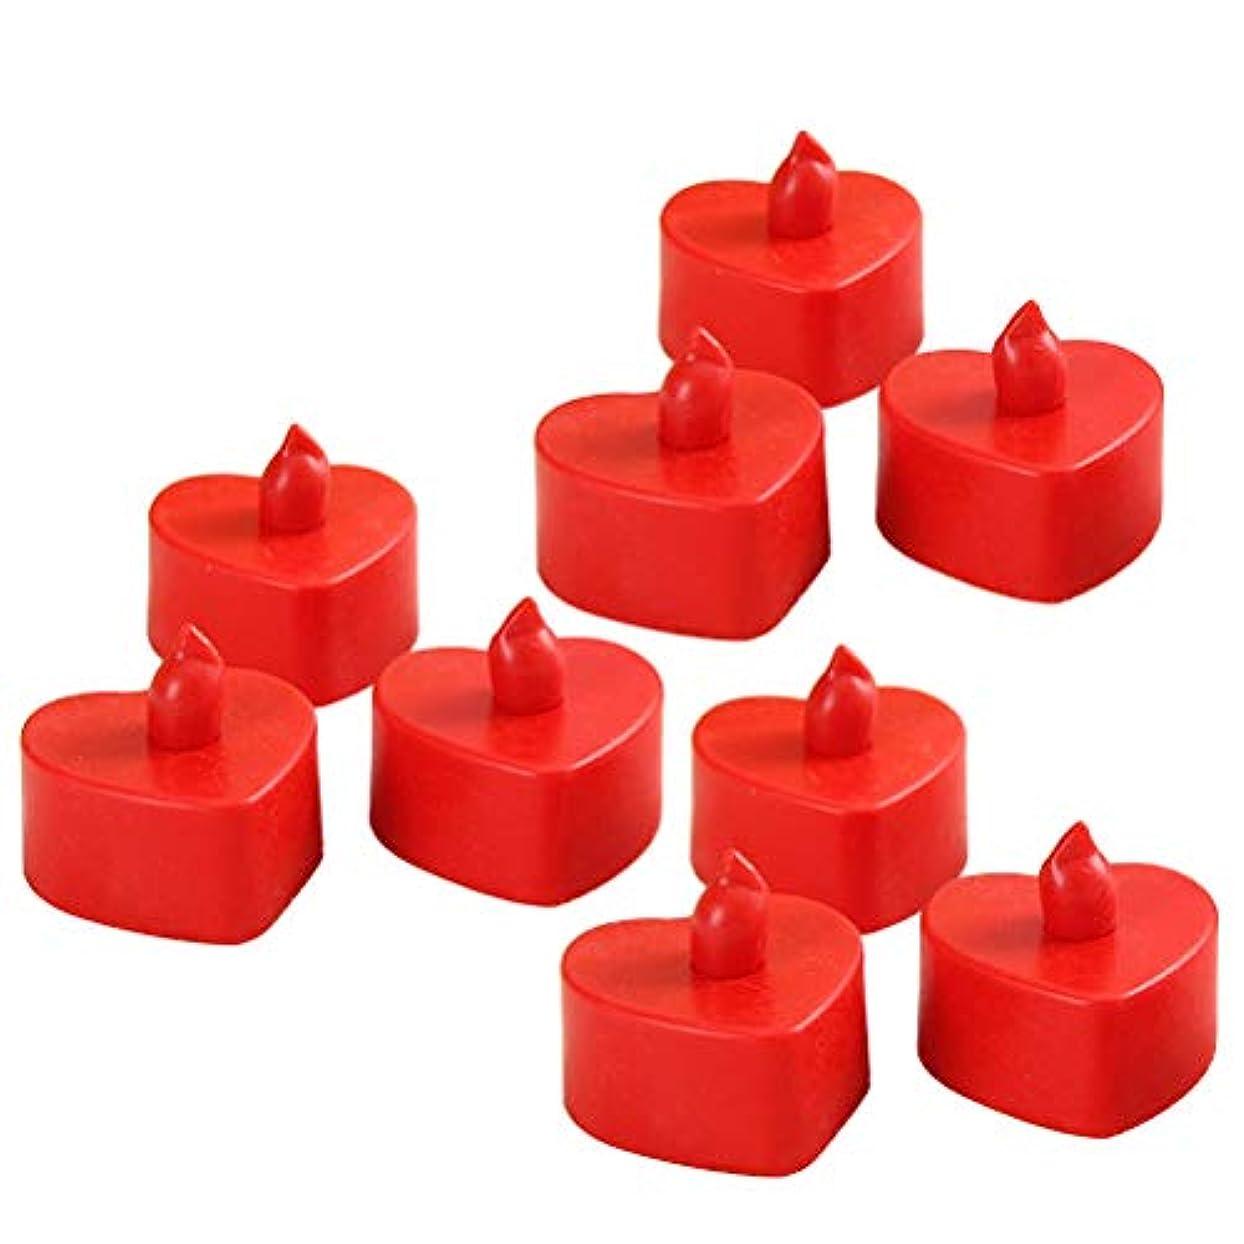 警告するシリンダー後ろ、背後、背面(部BESTOYARD 10個のLed茶色のライトは、電池で作動するFlameless Tealightキャンドル暖かい黄色のライトライトハートシェイプクリスマスのウェディングパーティの装飾(赤いシェル、赤い光)